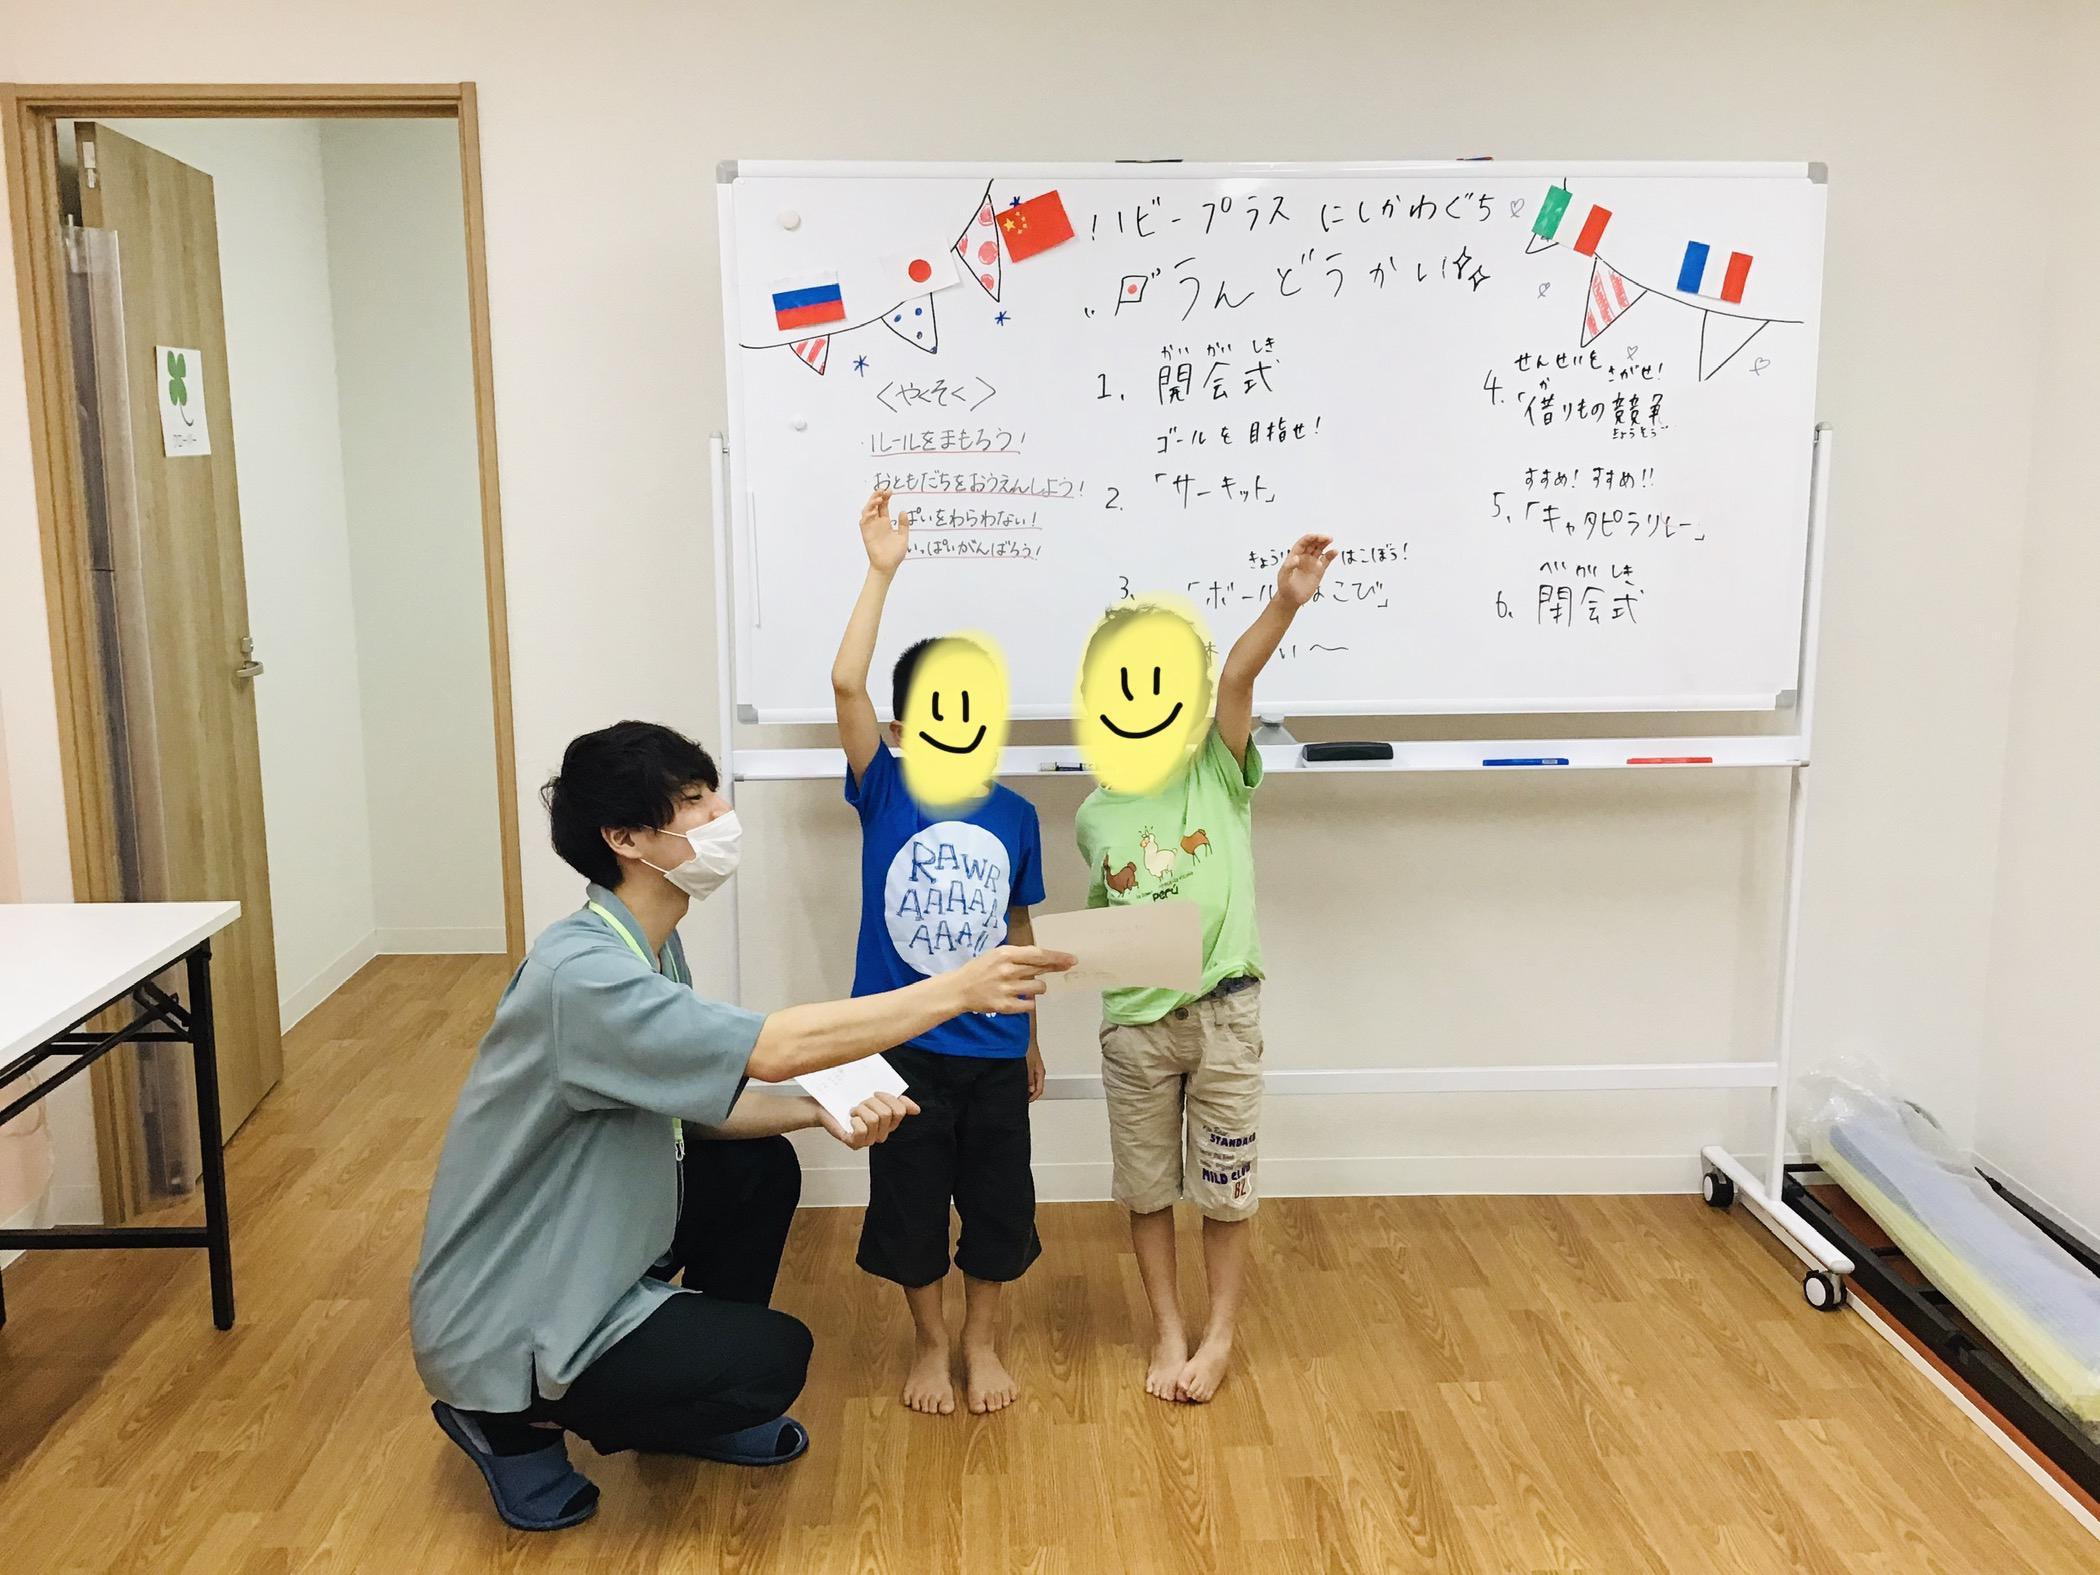 【西川口】7月イベントのご報告②(7/24スポーツの日イベント)